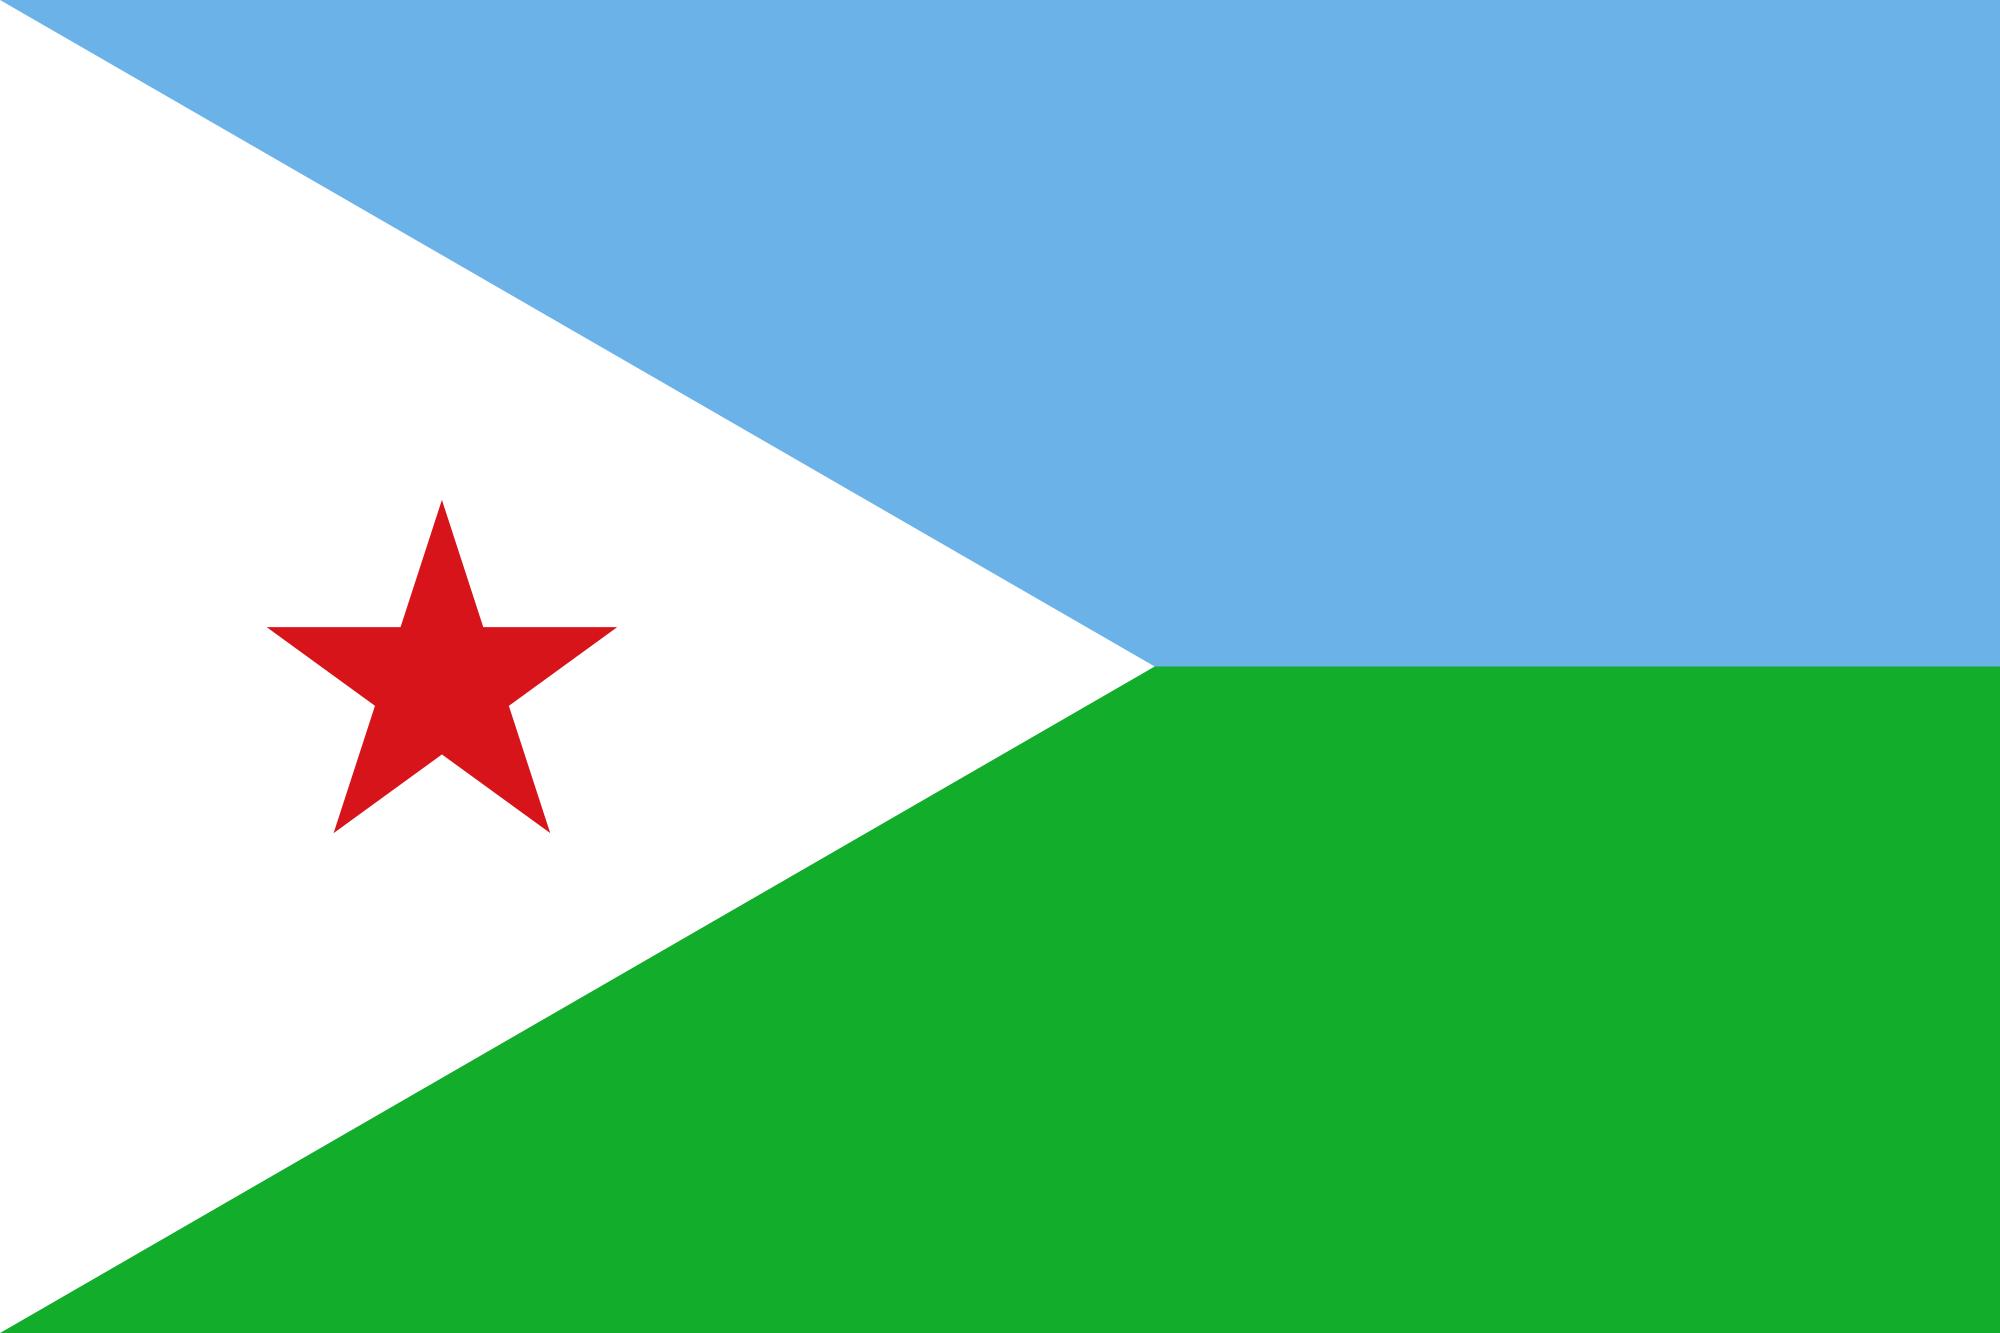 Djibouti denies agreeing to host the Ethiopian navy